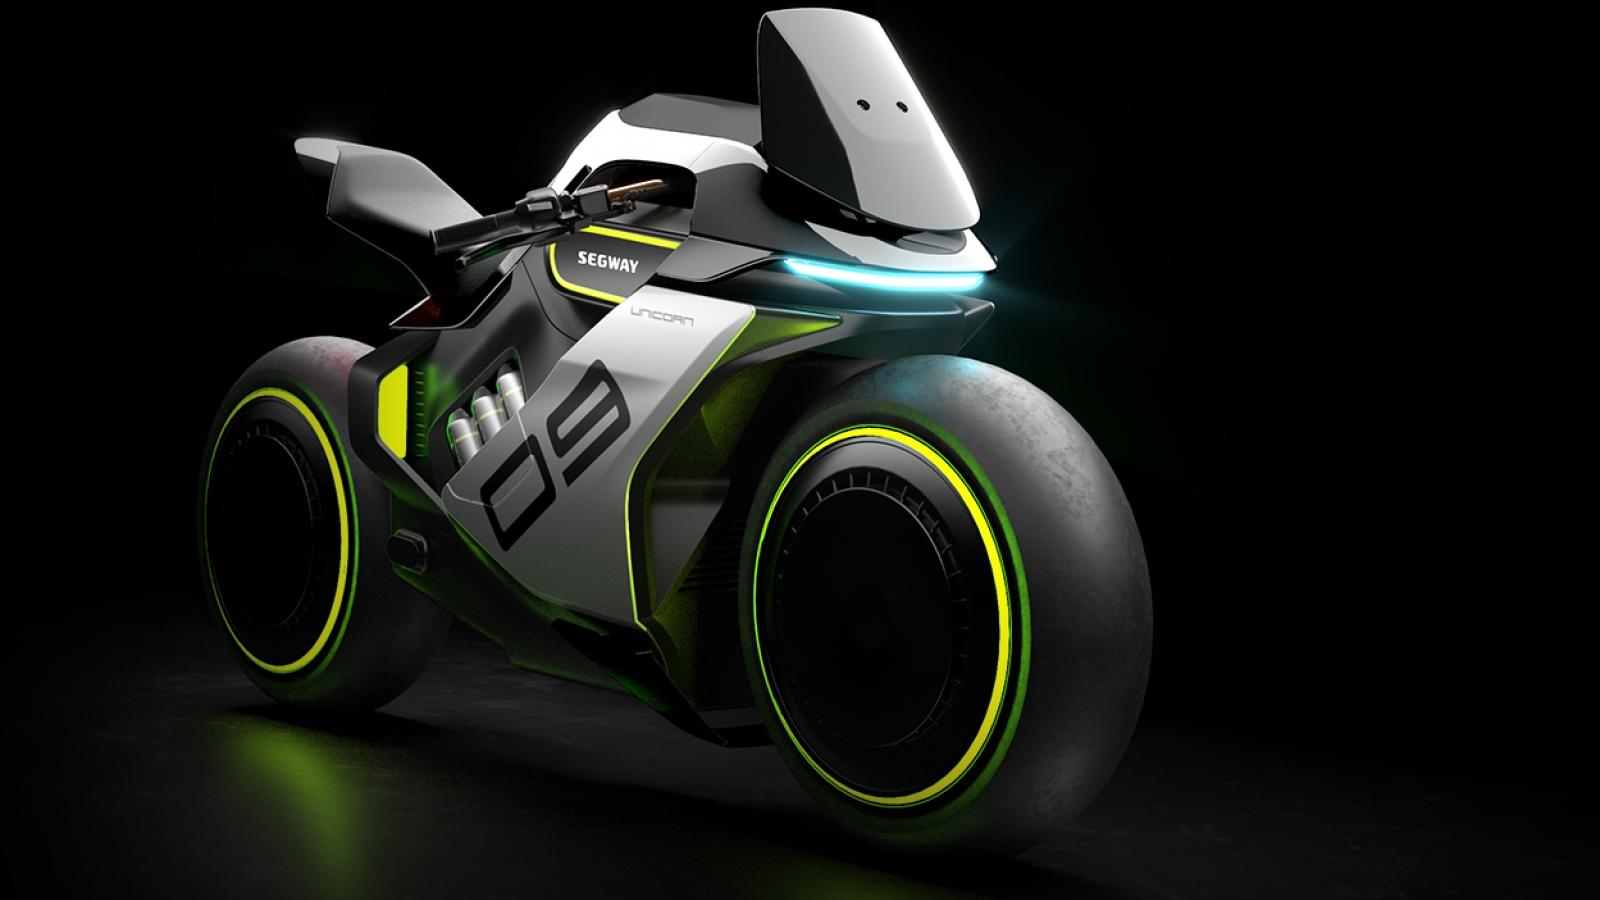 Segway ra mắt chiếc xe của tương lai Apex H2